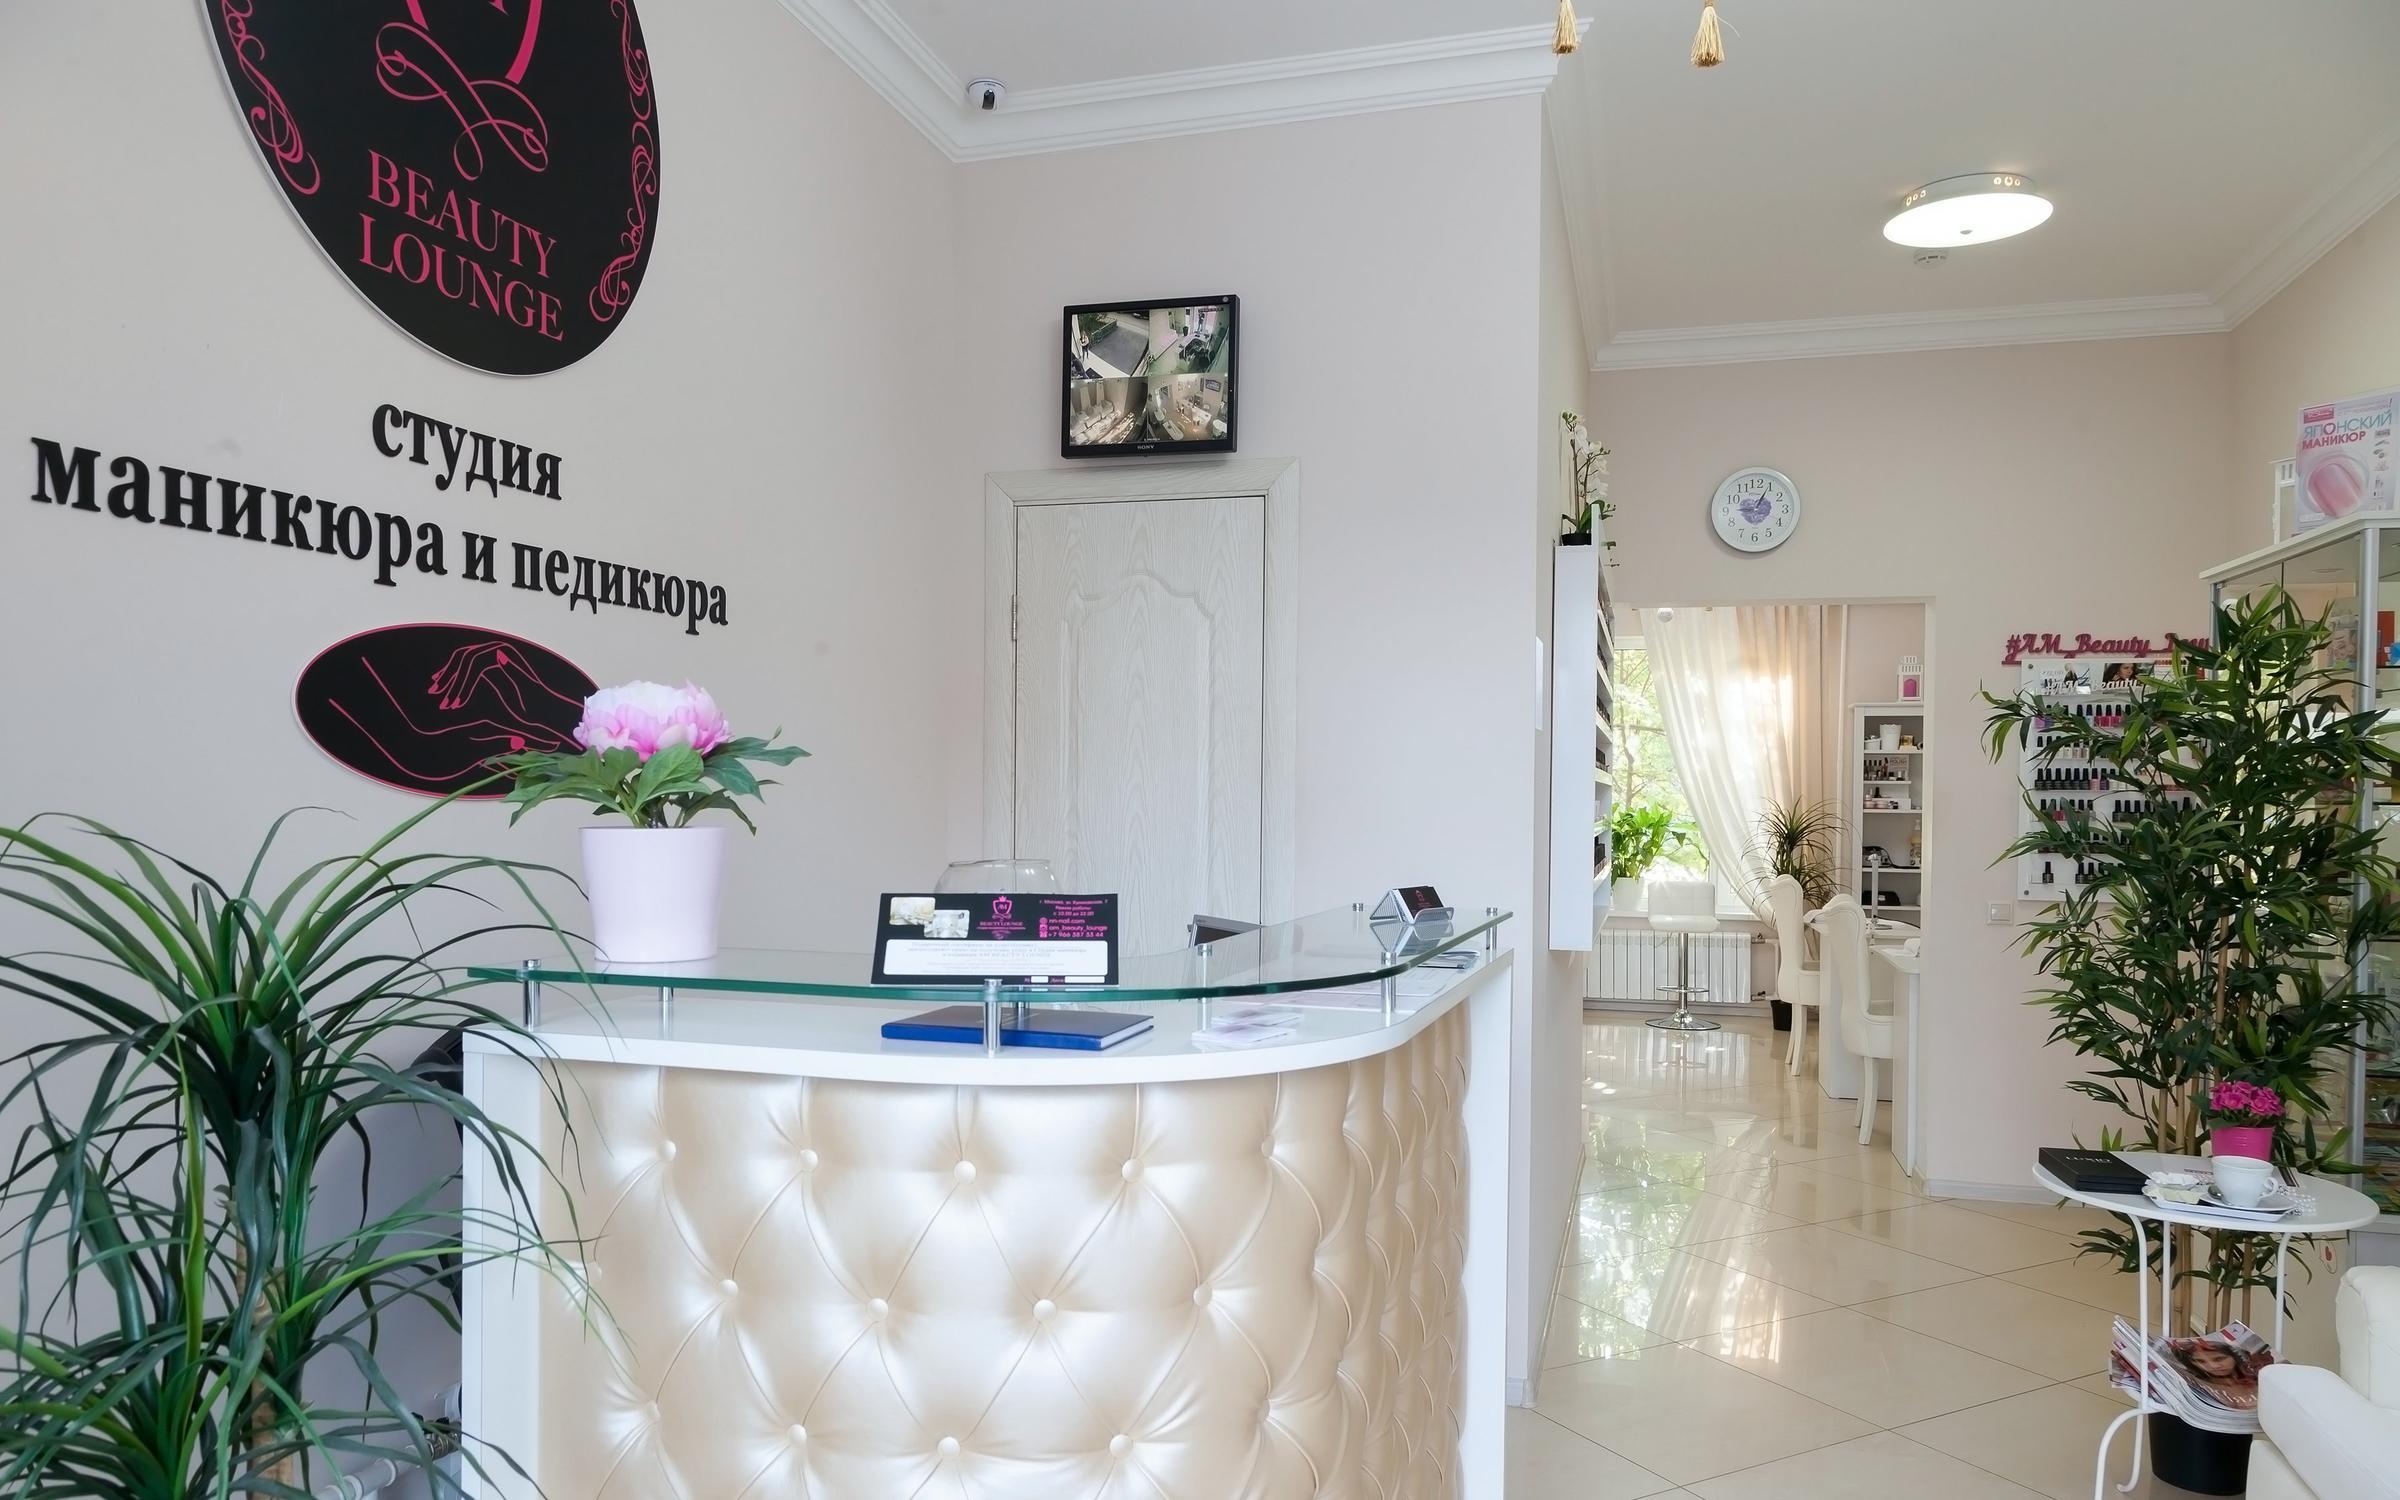 фотография Студии маникюра и педикюра Am Beauty Lounge на Куликовской улице